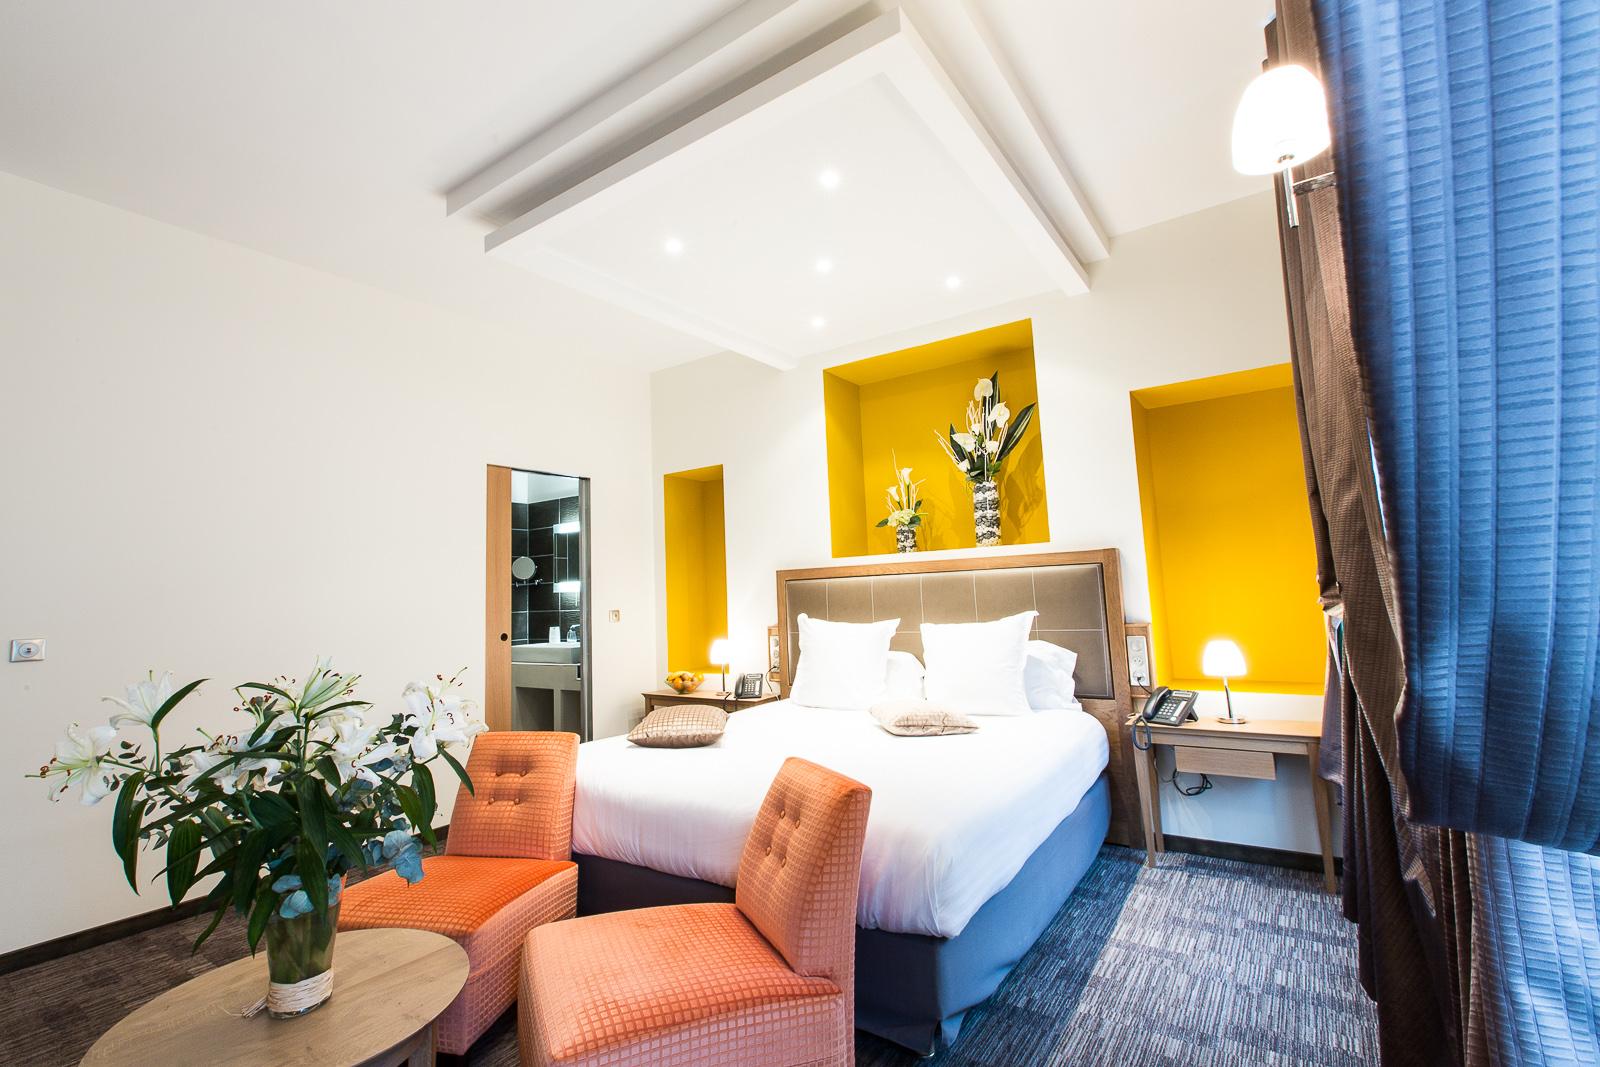 Hôtel Marotte - chambre charme jaune orange